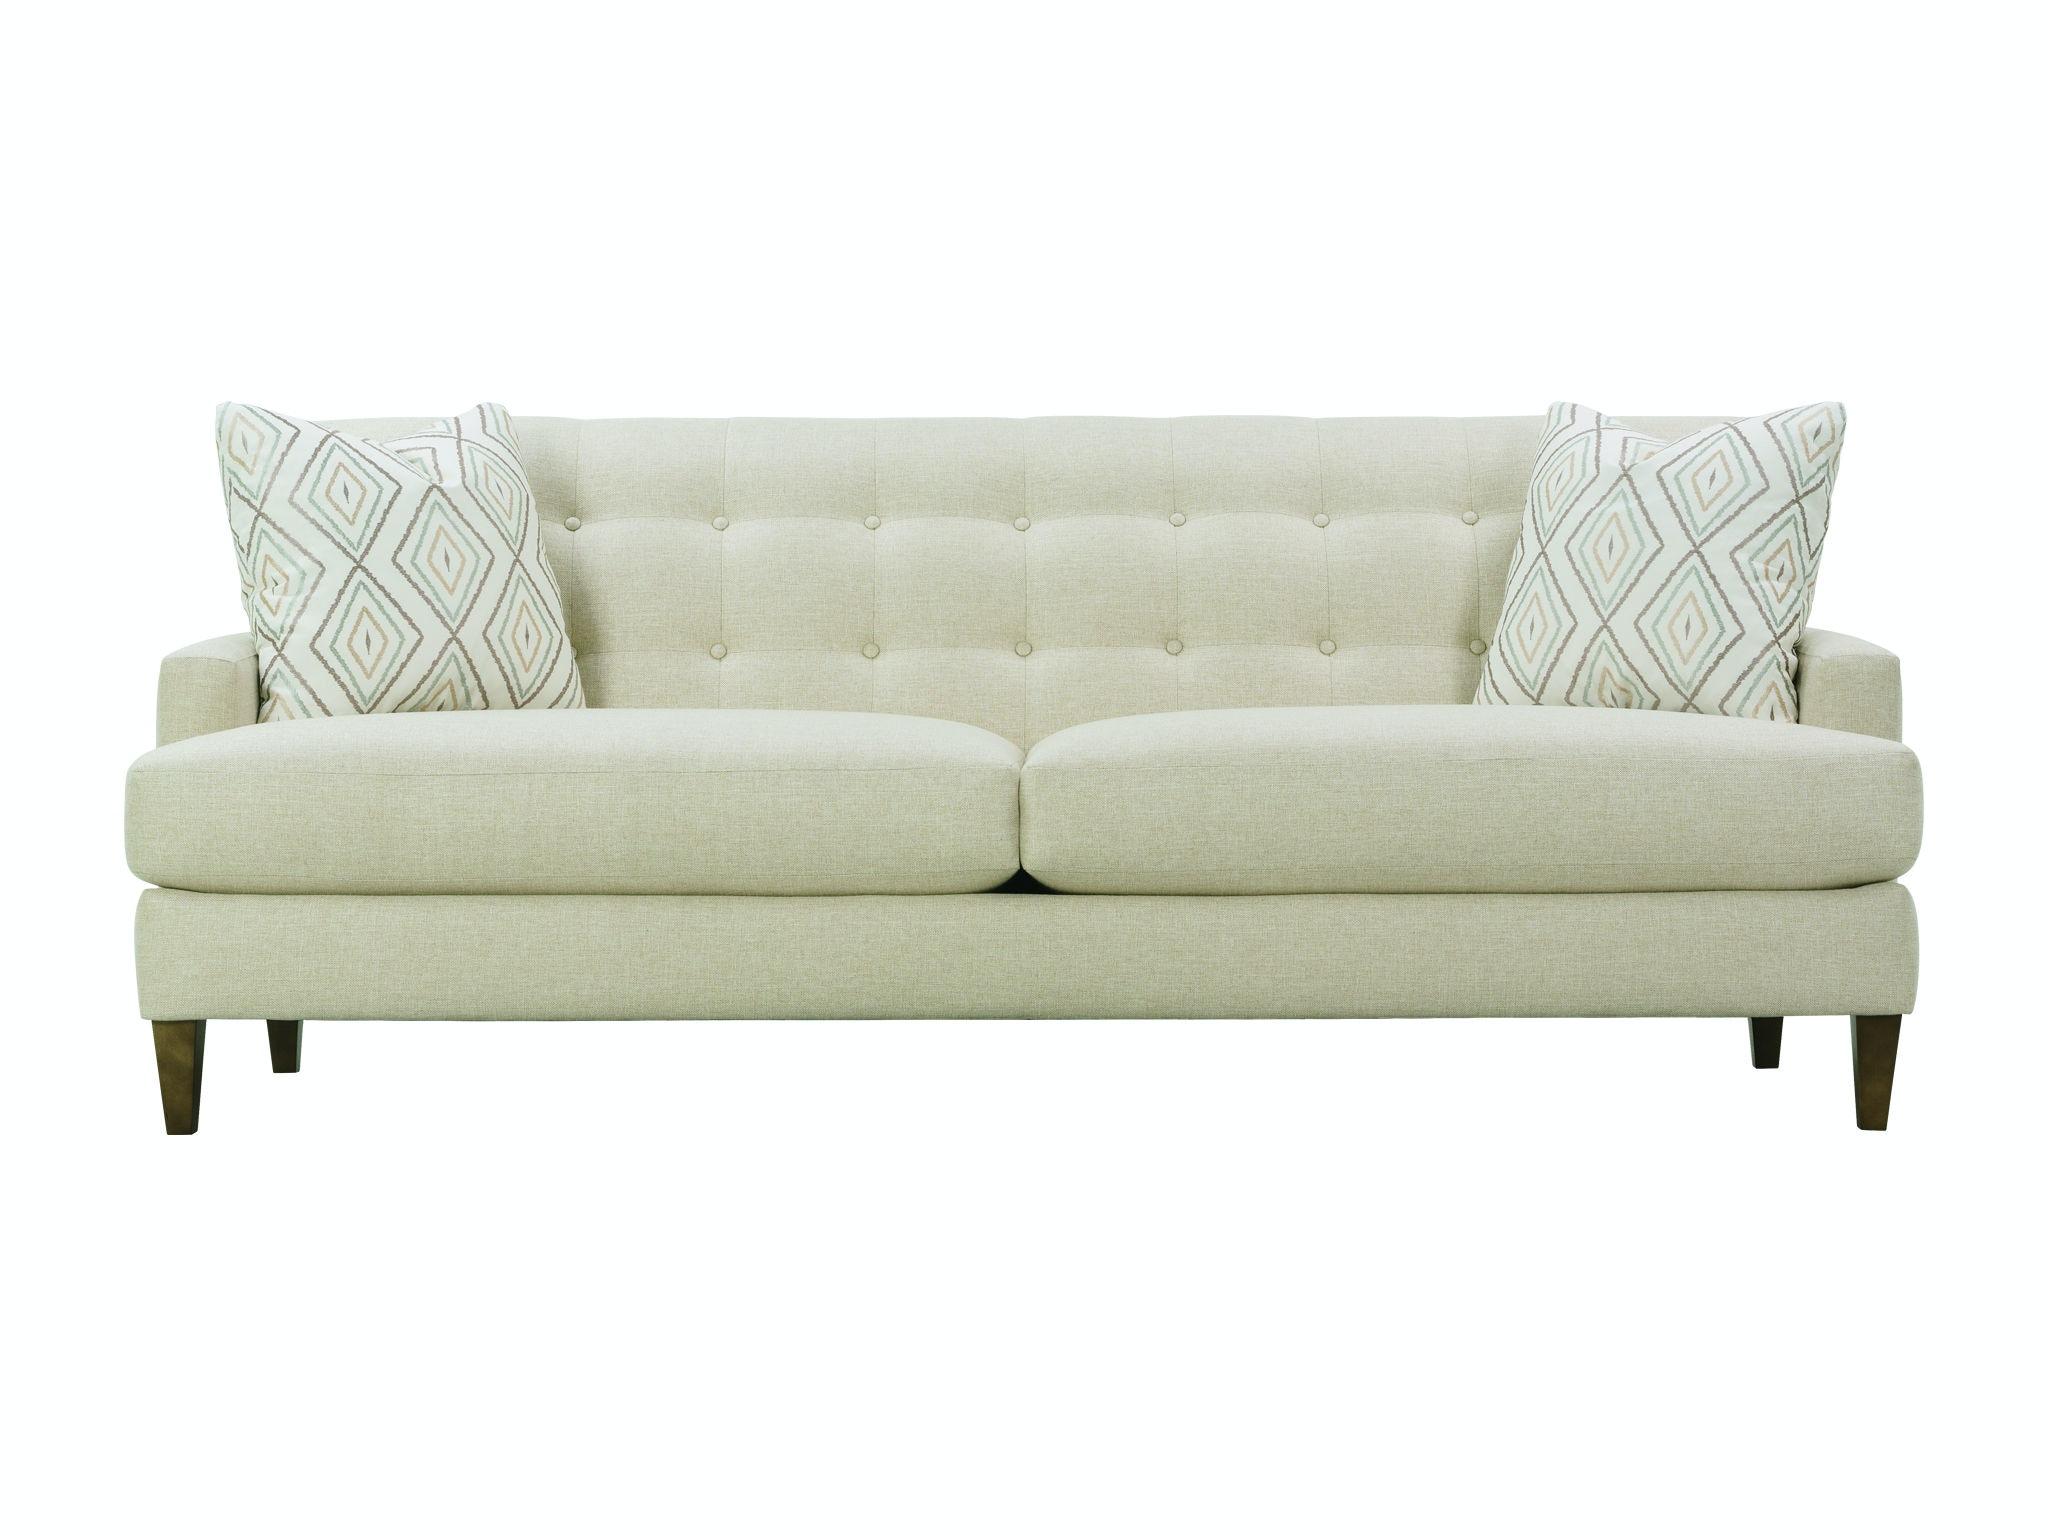 P410 002. Sofa